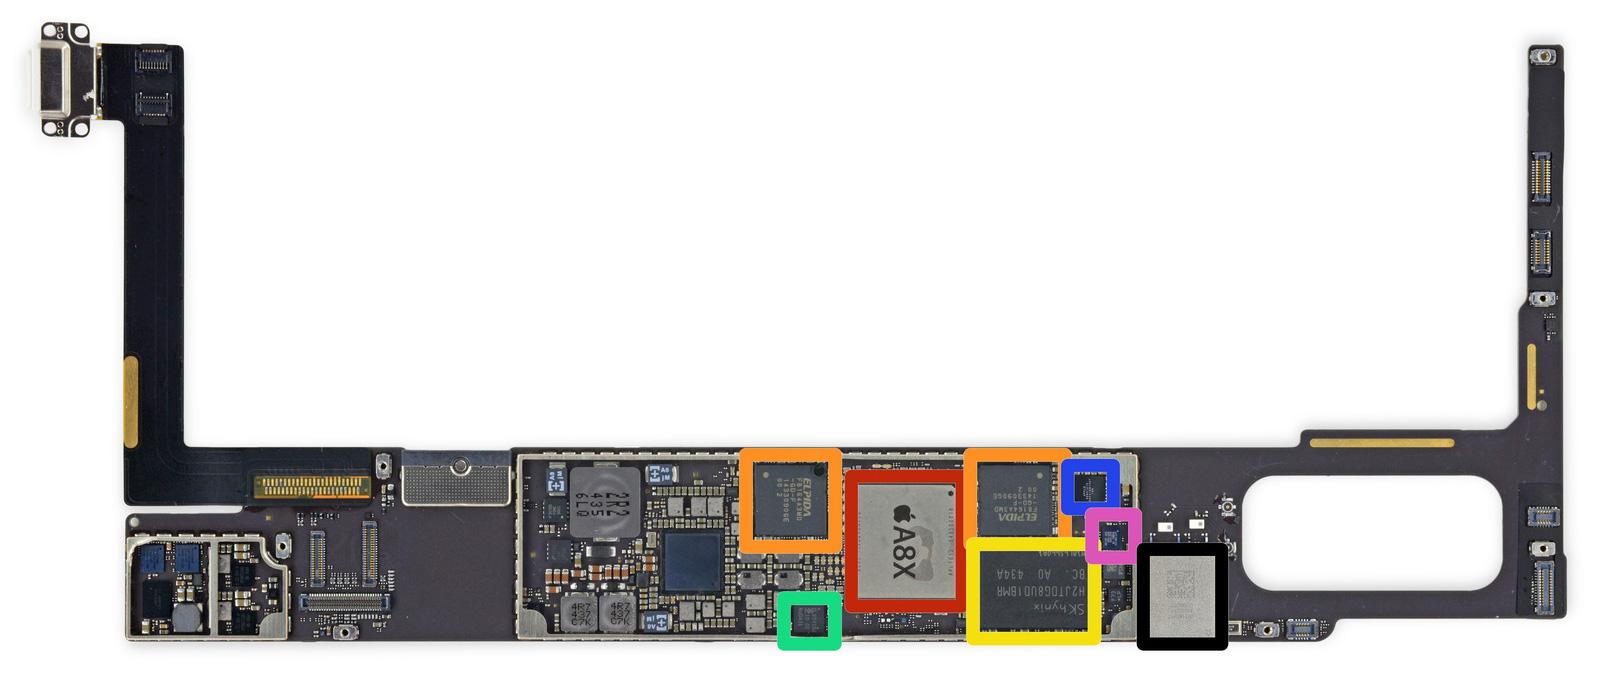 Однако, когда iFixit разобрали новый iPad Air 2, они обнаружили в нем такой  же чип NFC, как и в iPhone 6/iPhone 6 Plus, то есть технически устройство  ...